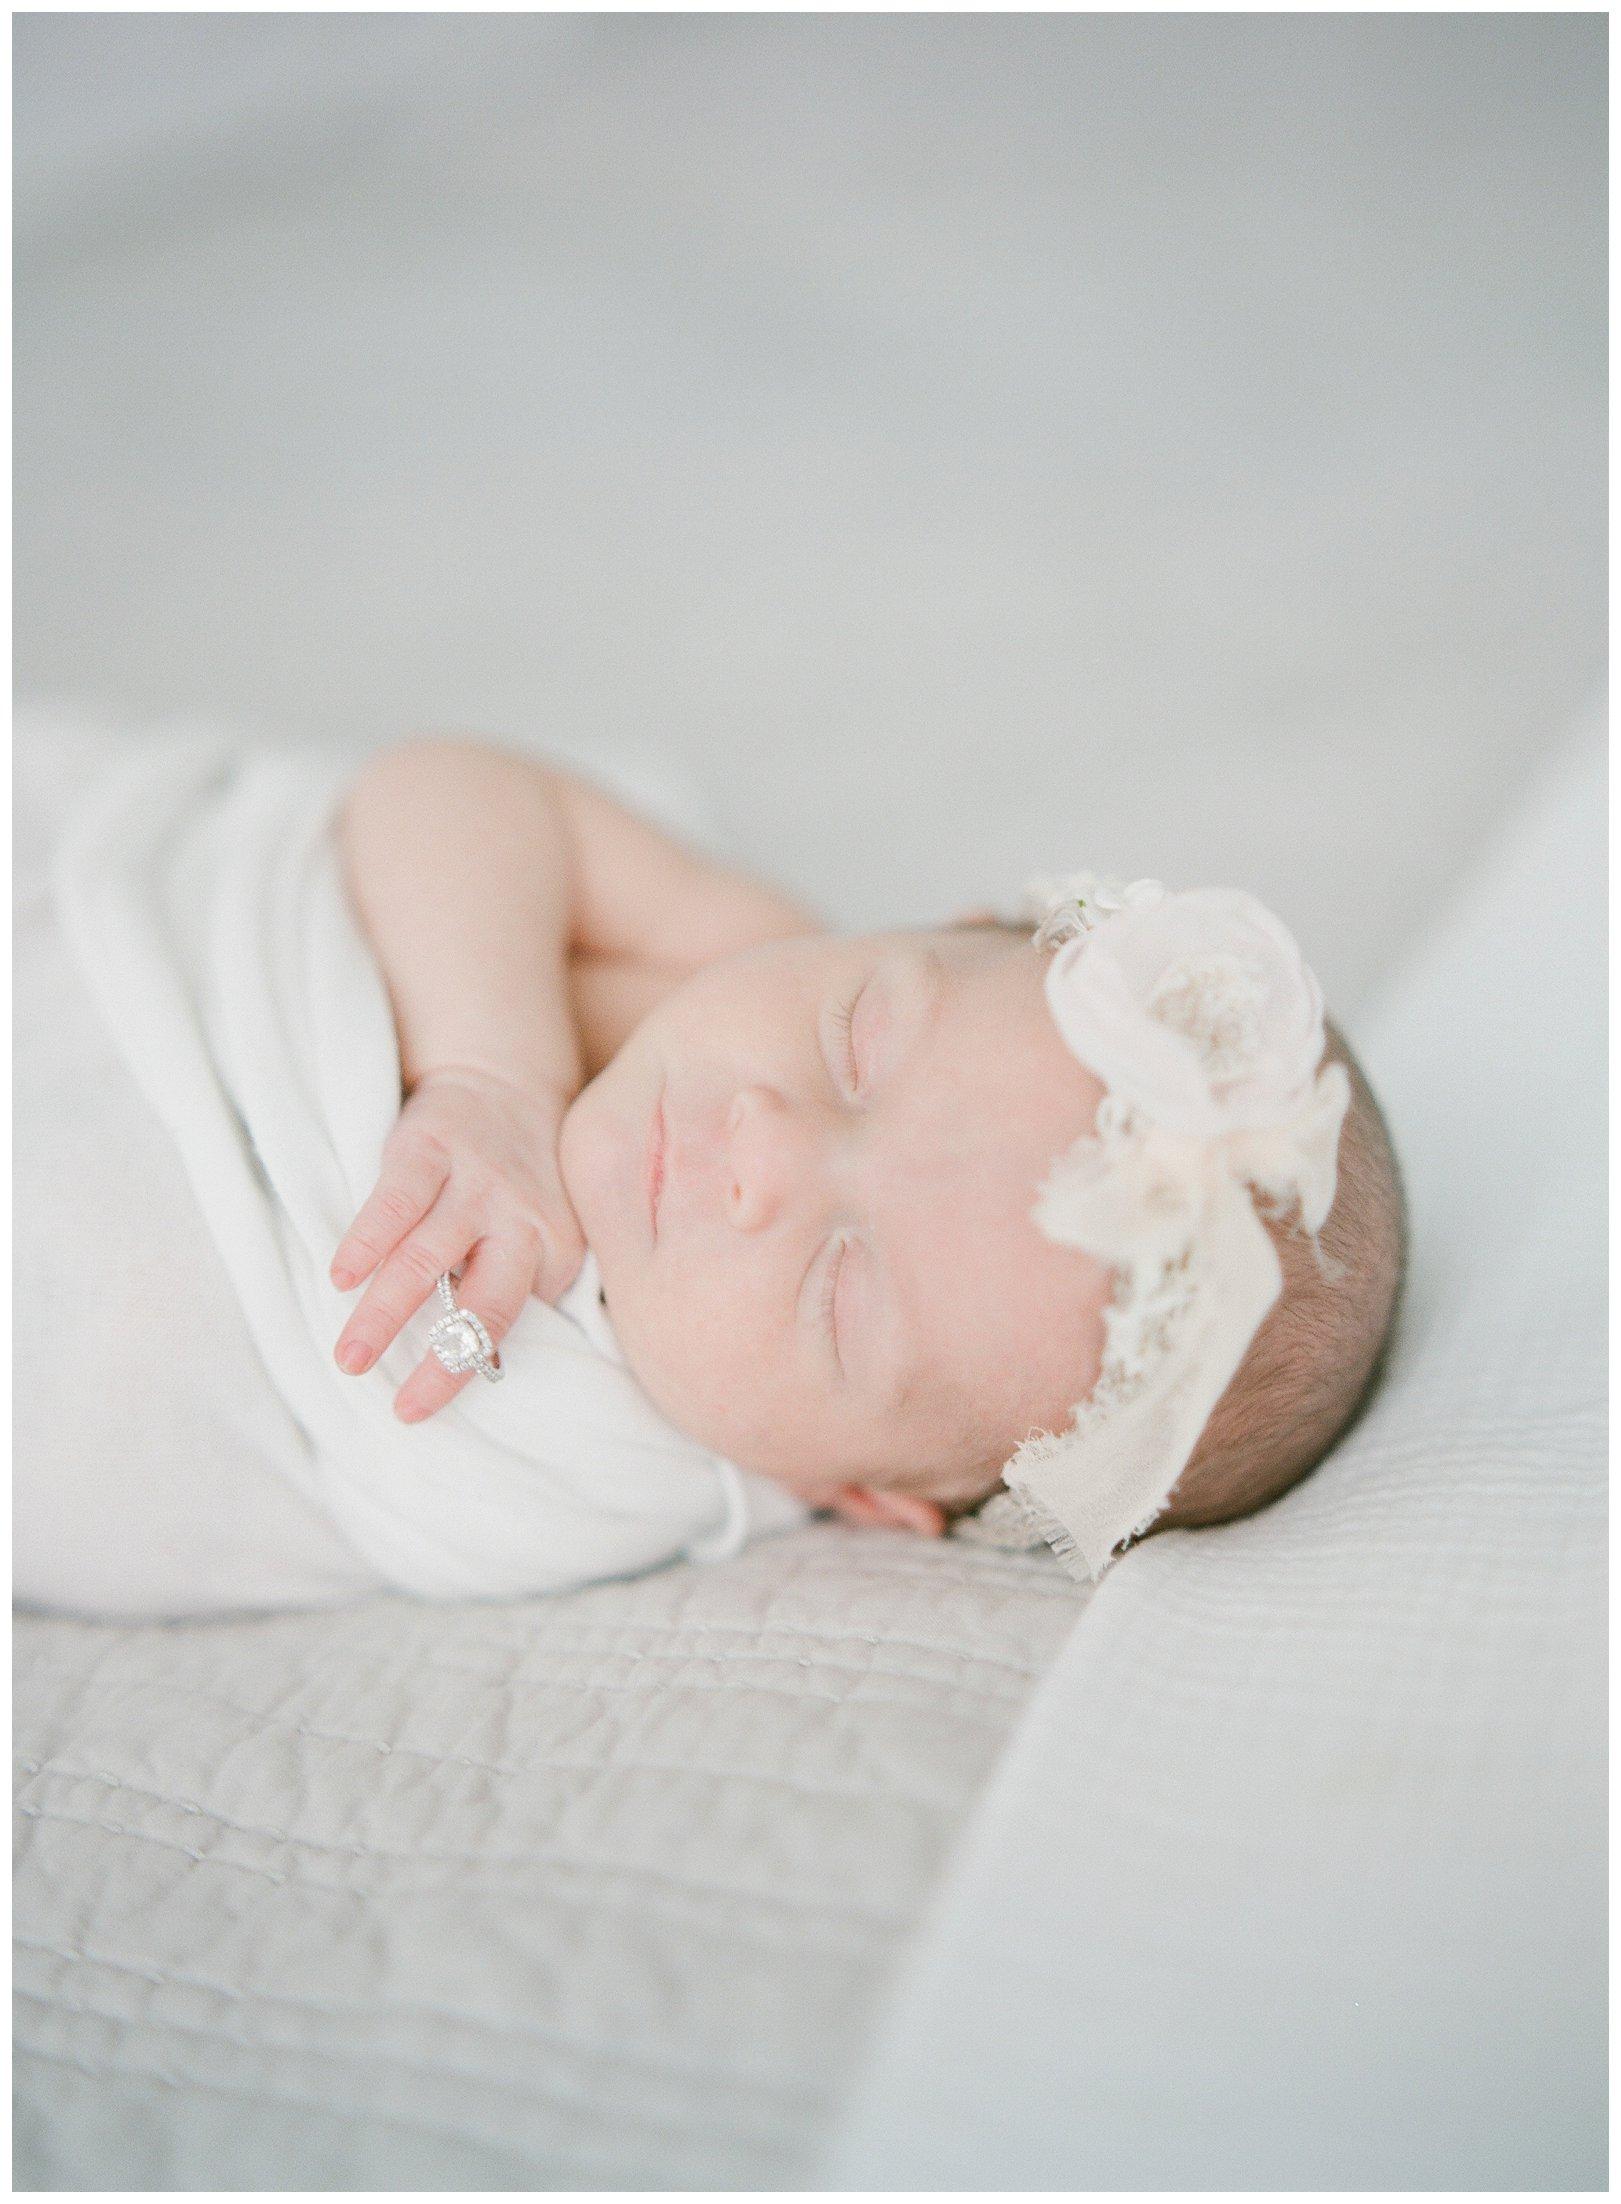 lauren muckler photography_fine art film wedding photography_st louis_photography_1867.jpg